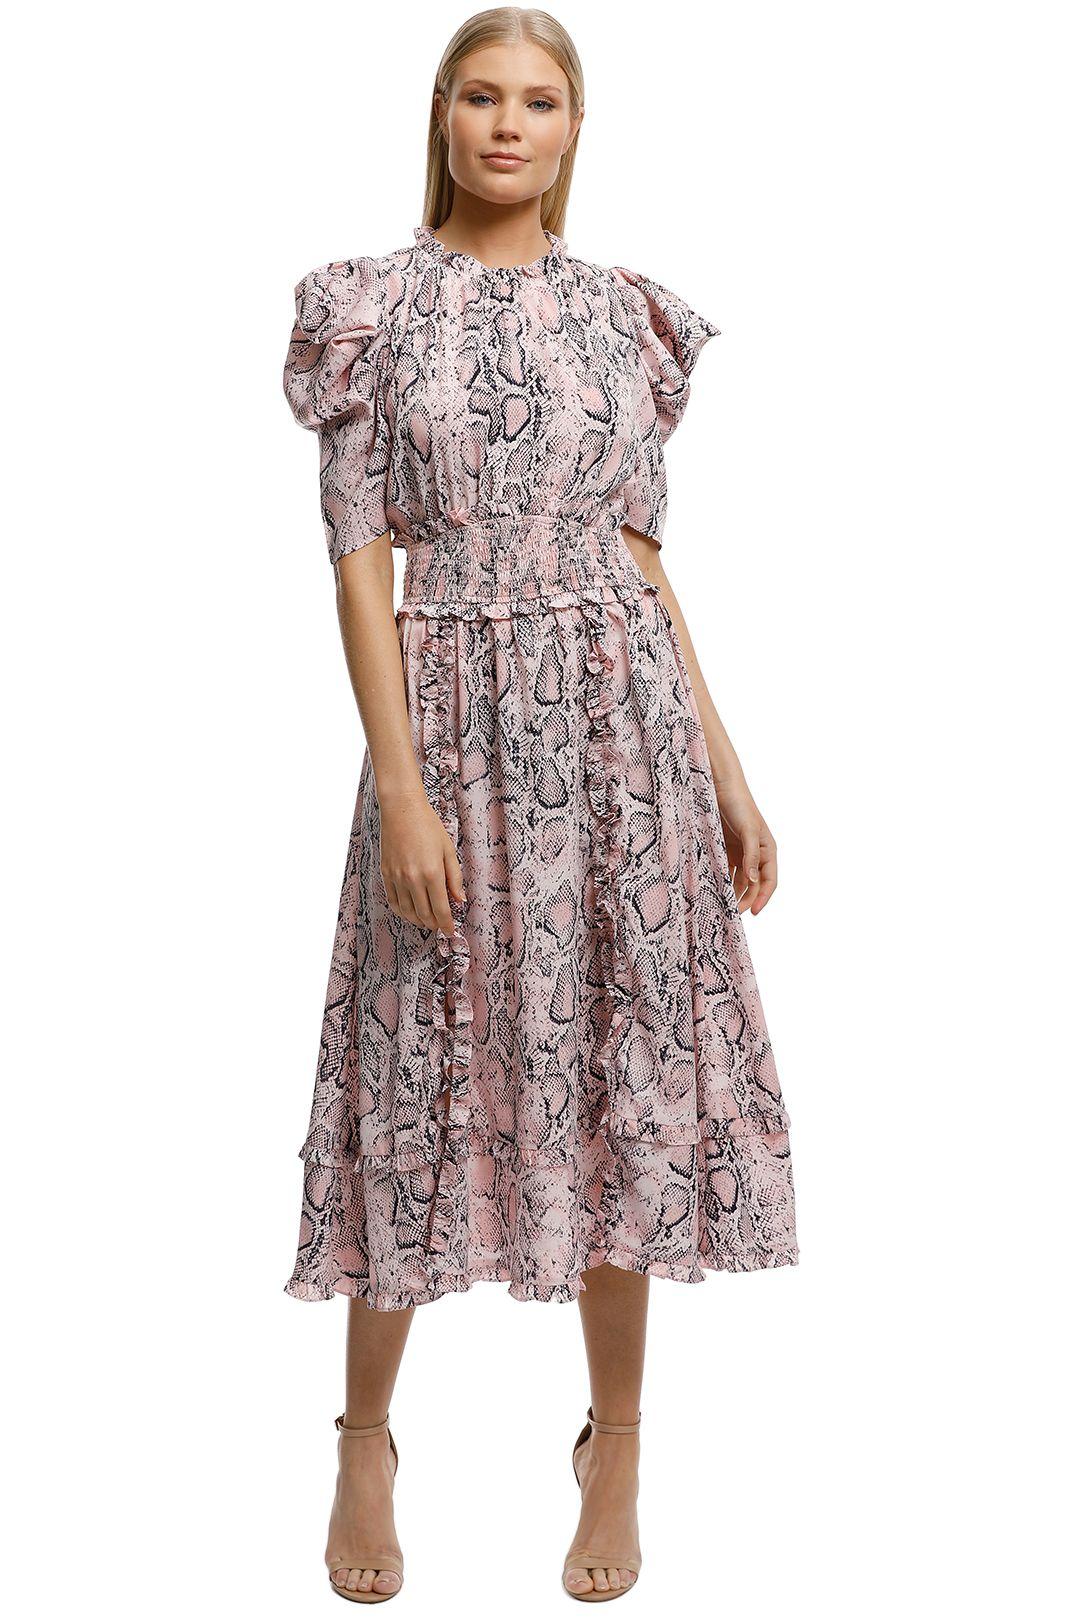 Elliatt-Mia Dress-Pink Animal-Front